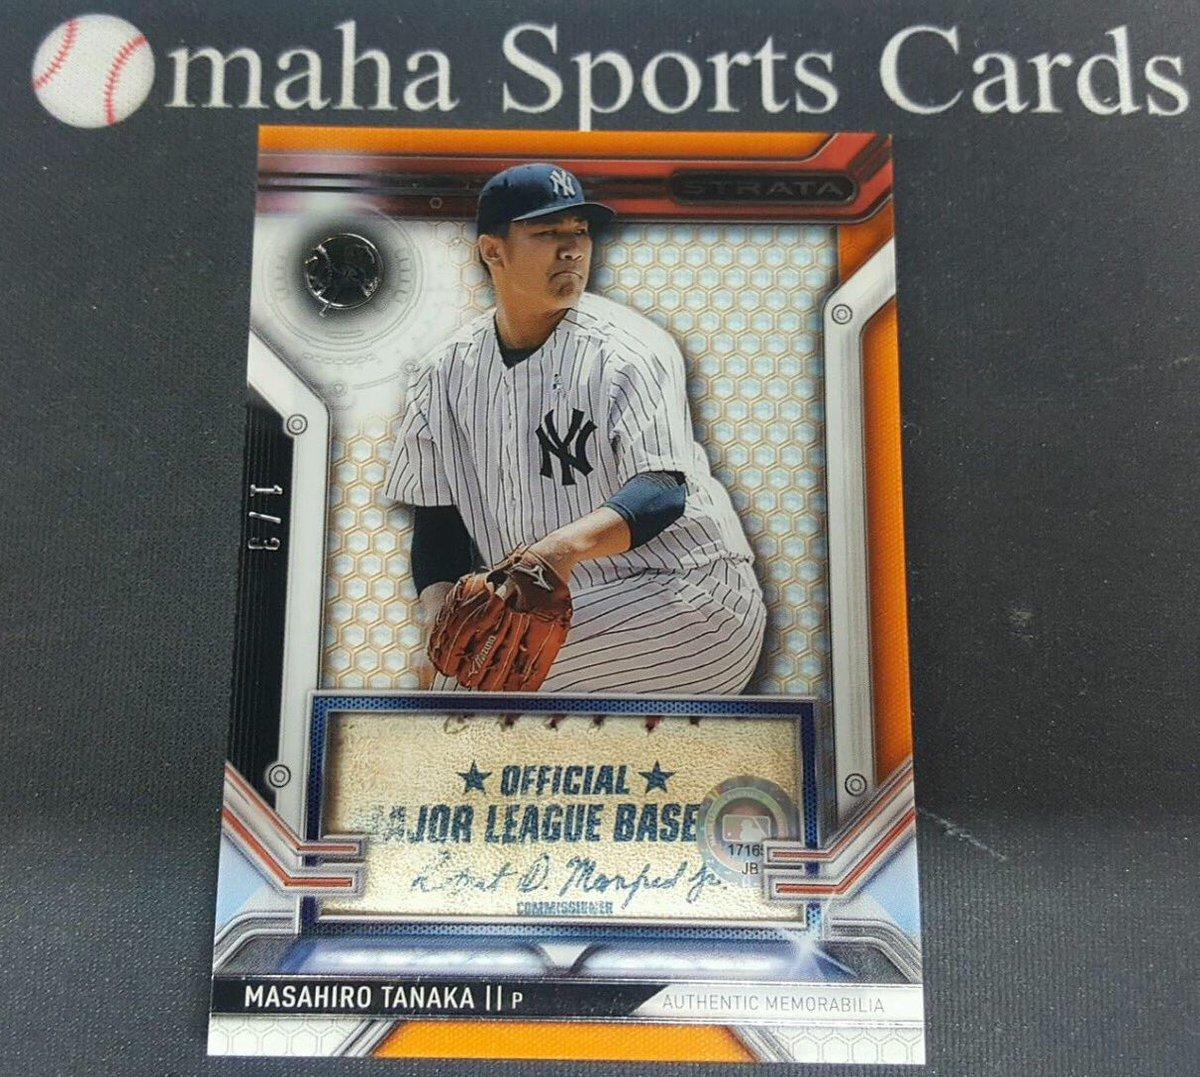 Omaha Sports Cards على تويتر Masahiro Tanaka Game Used